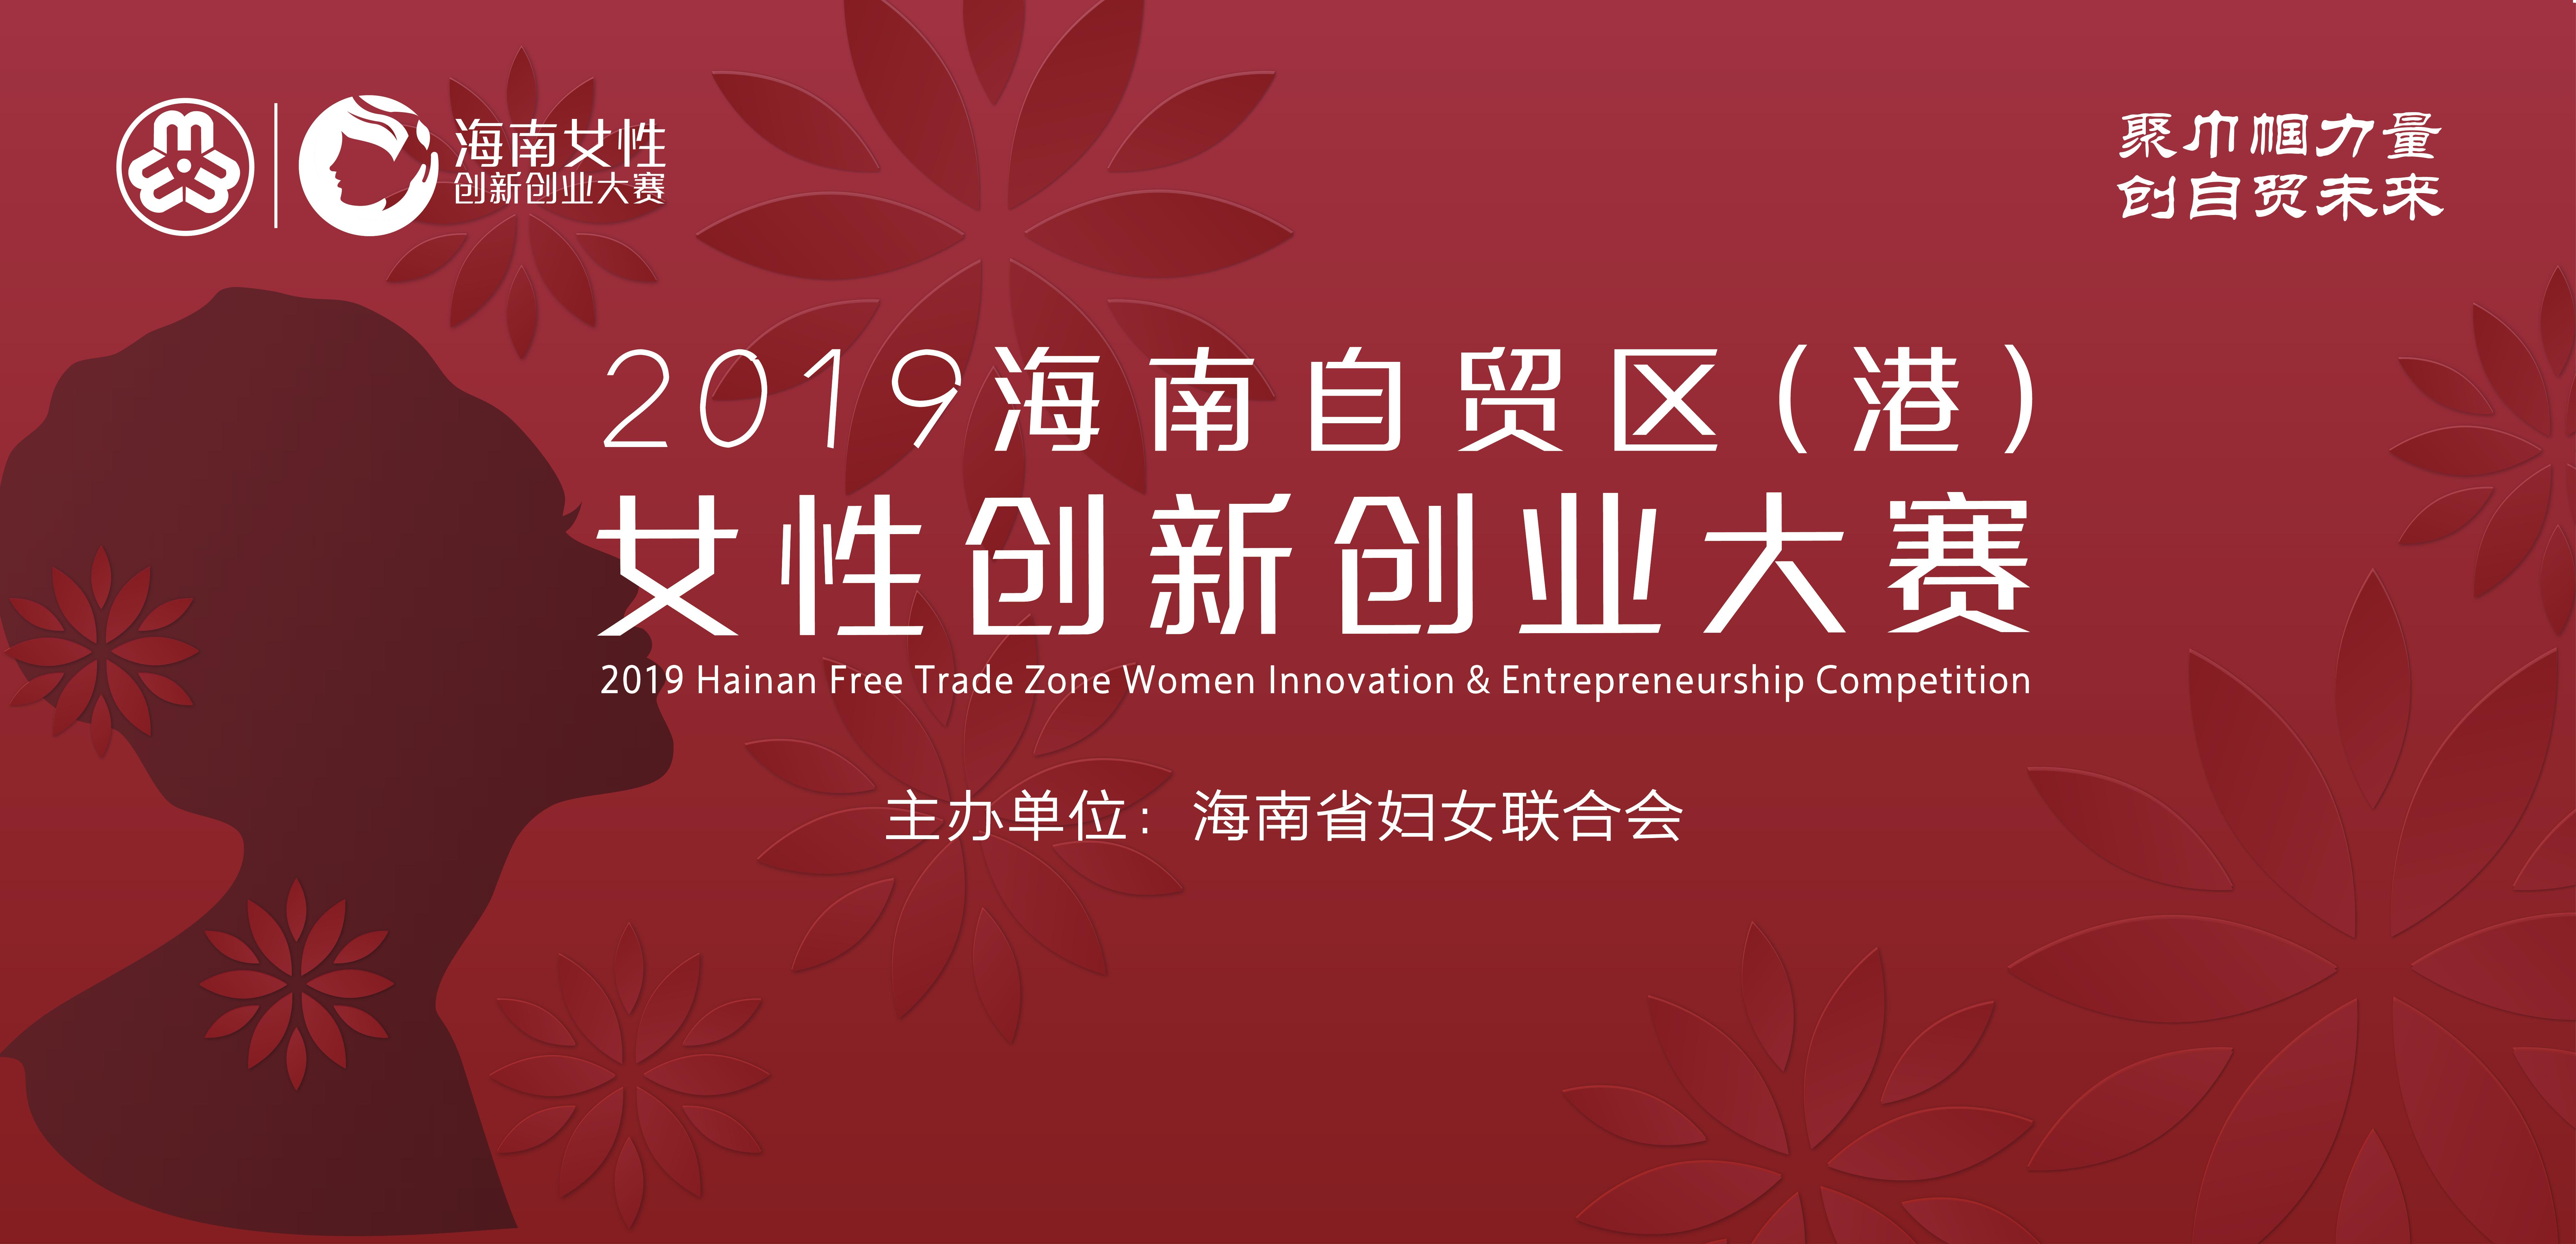 2019海南自贸区(港)女性创新创业大赛《创业海姑娘》栏目拍摄通知